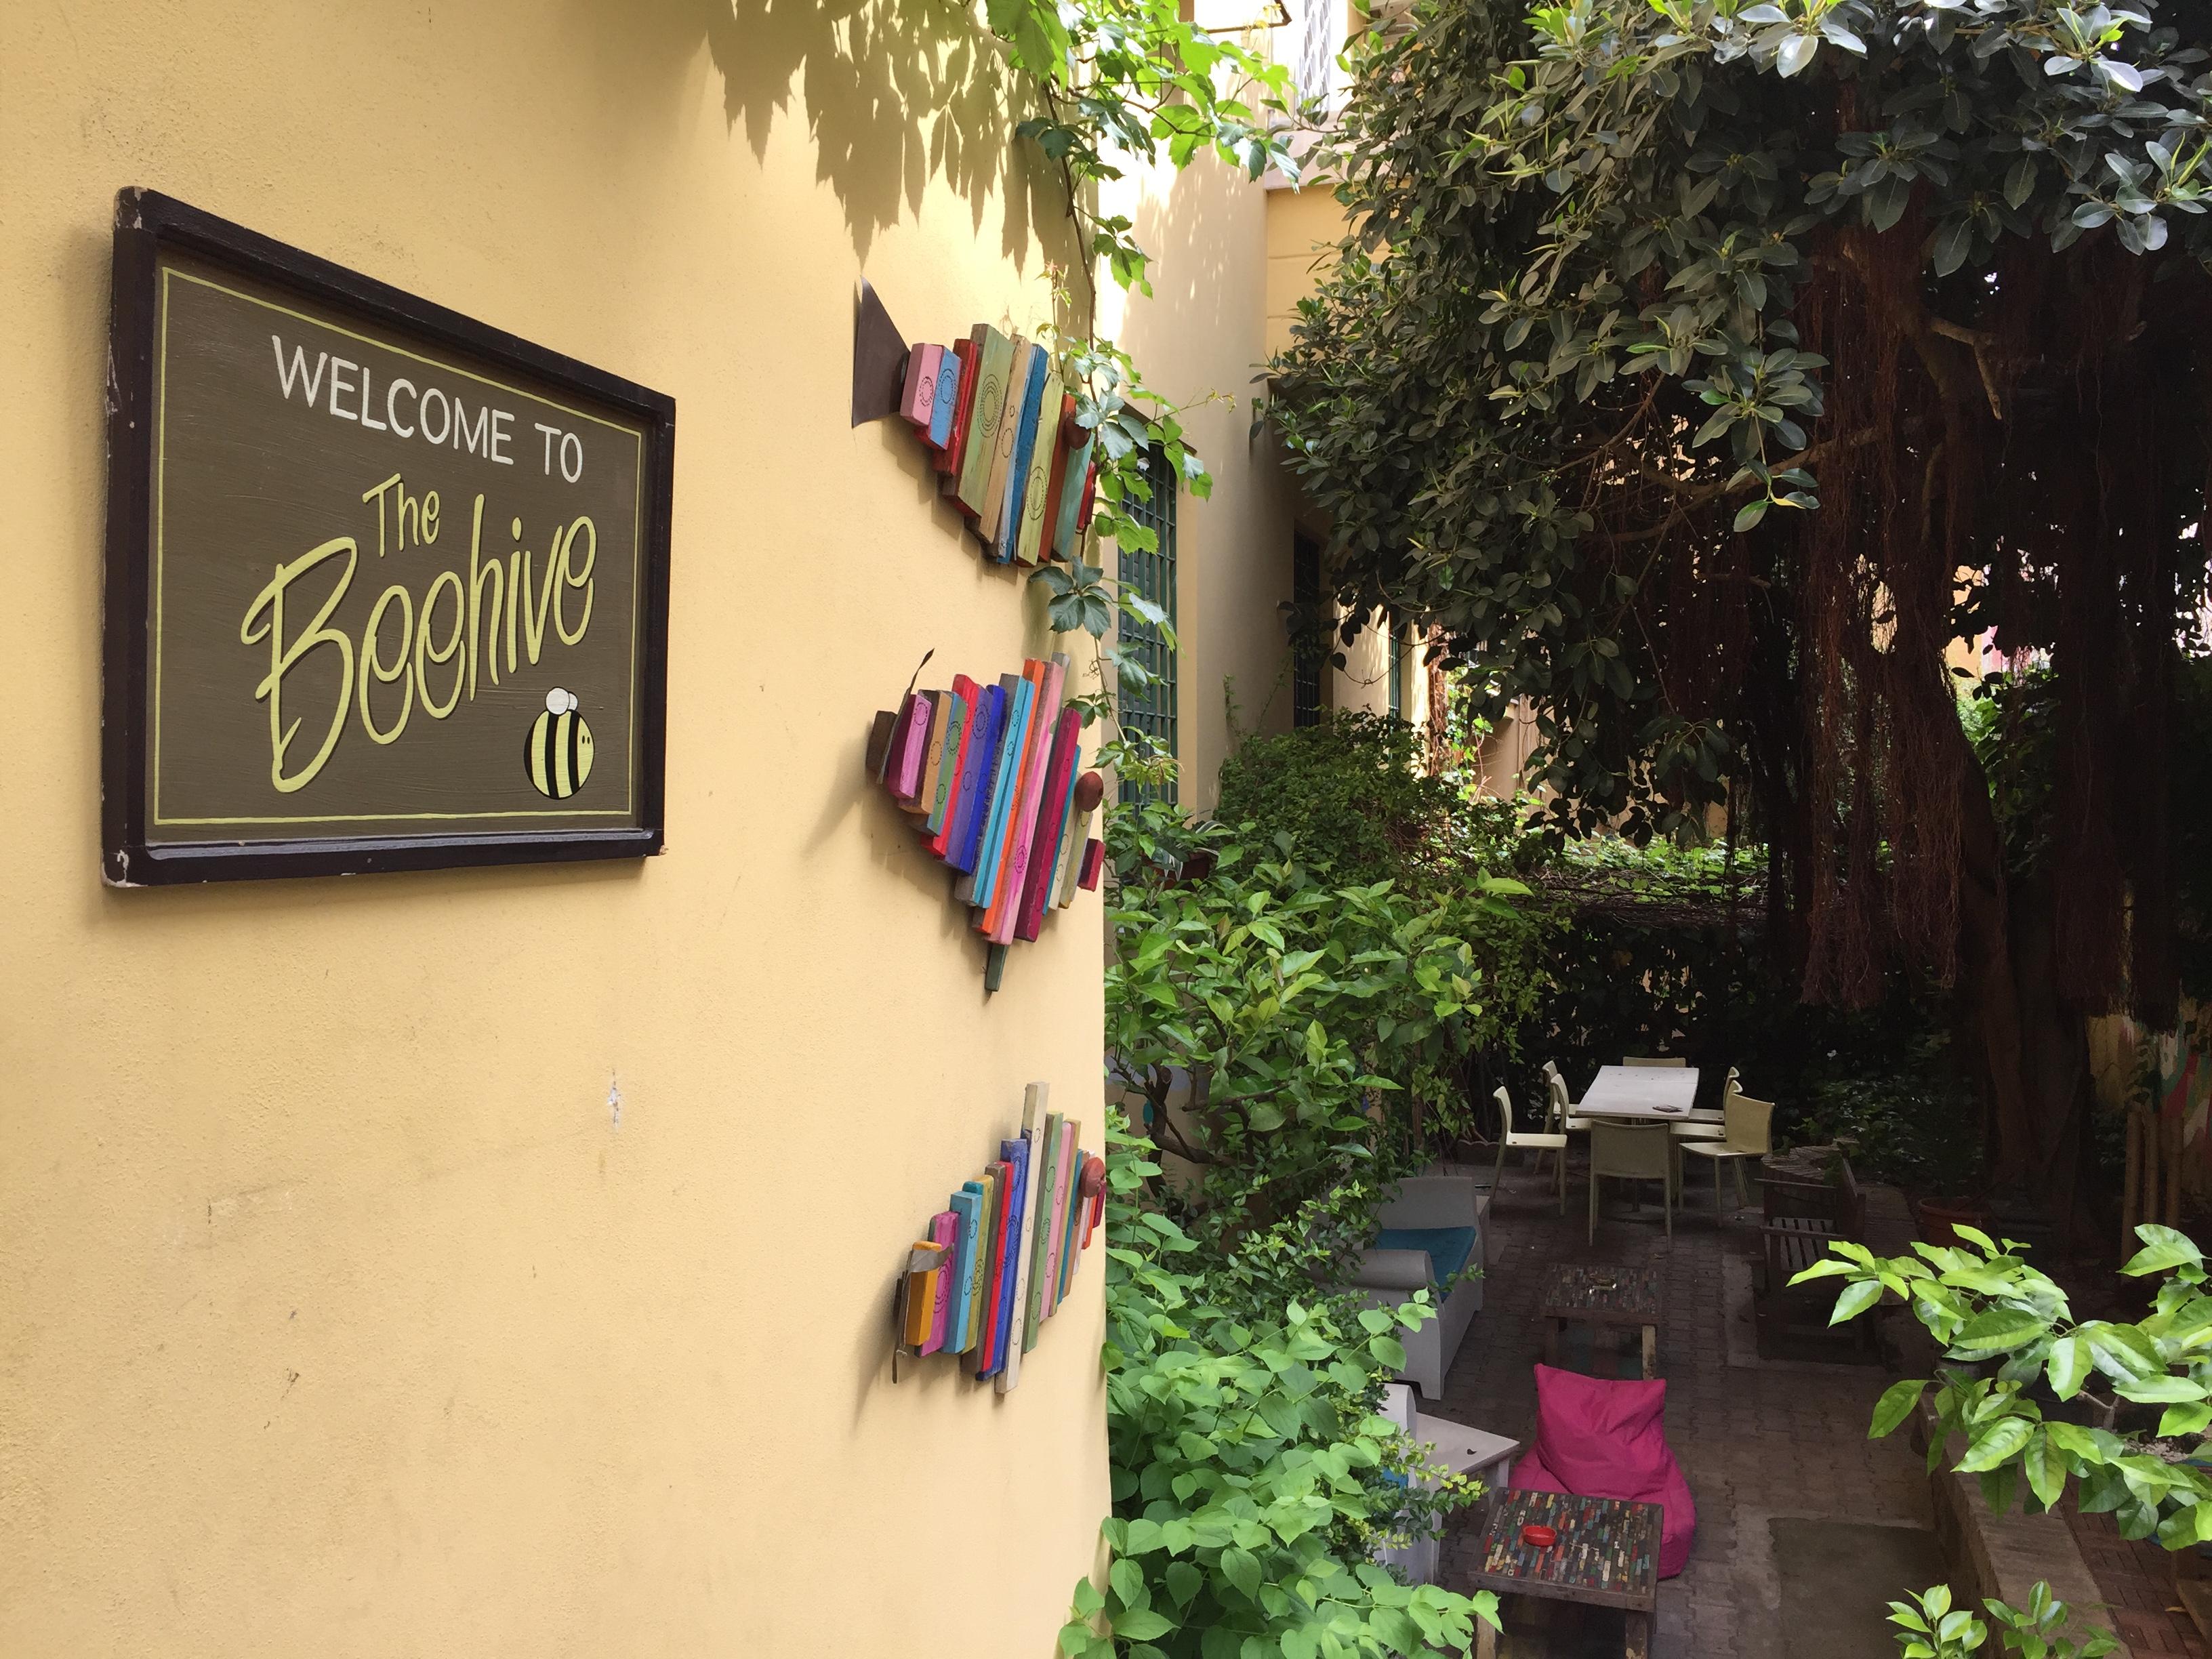 Beehive-Hostel-and-Khách sạn-Rome  5 nhà nghỉ có chất lượng tốt nhất tại Châu Âu Beehive Hostel and Hotel Rome